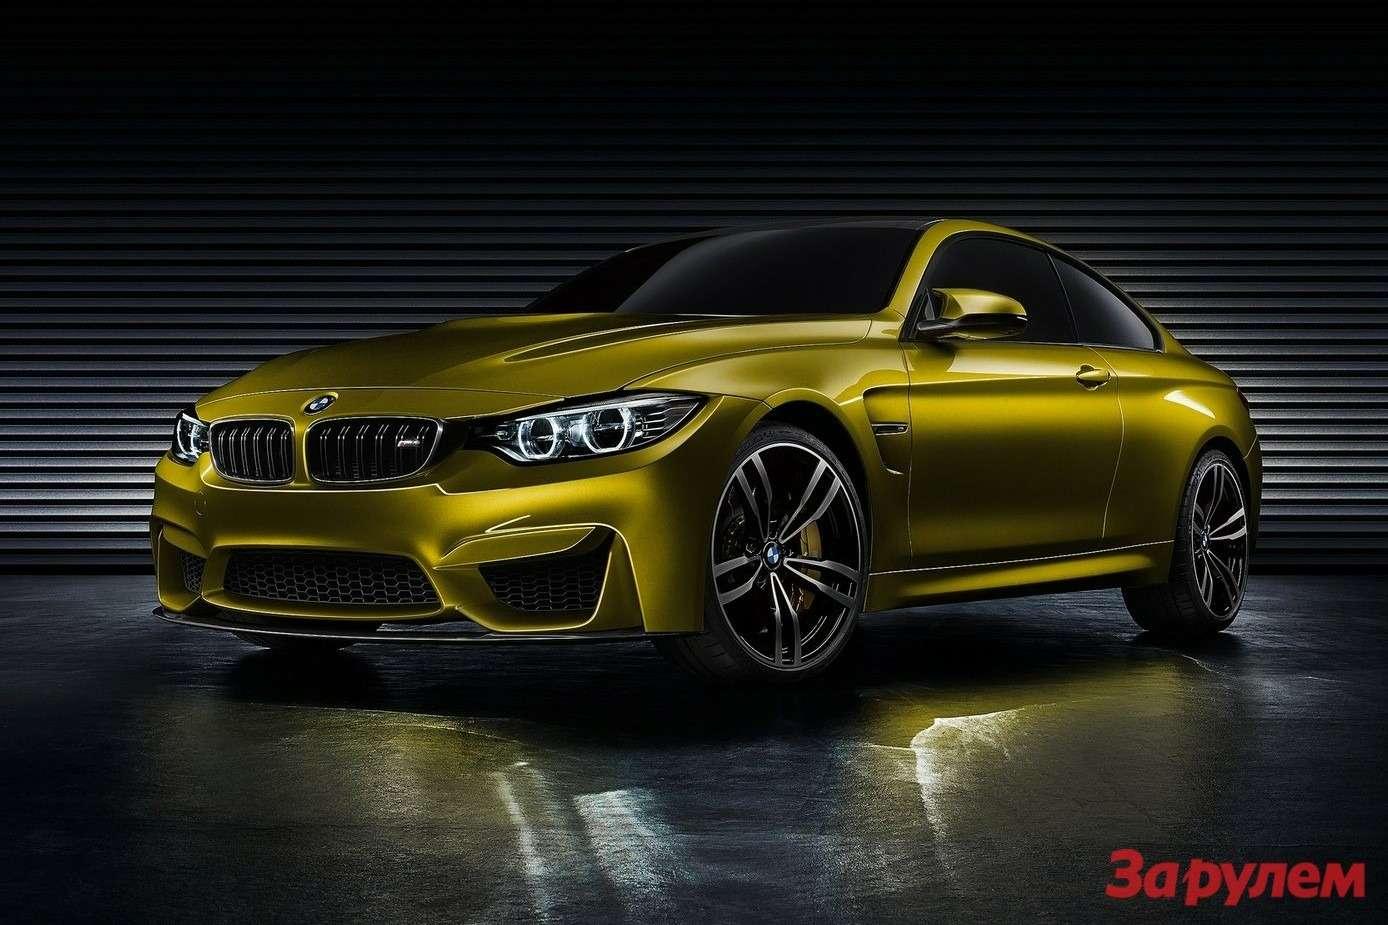 BMWM4Coupe Concept 2013 1600x1200 wallpaper 01